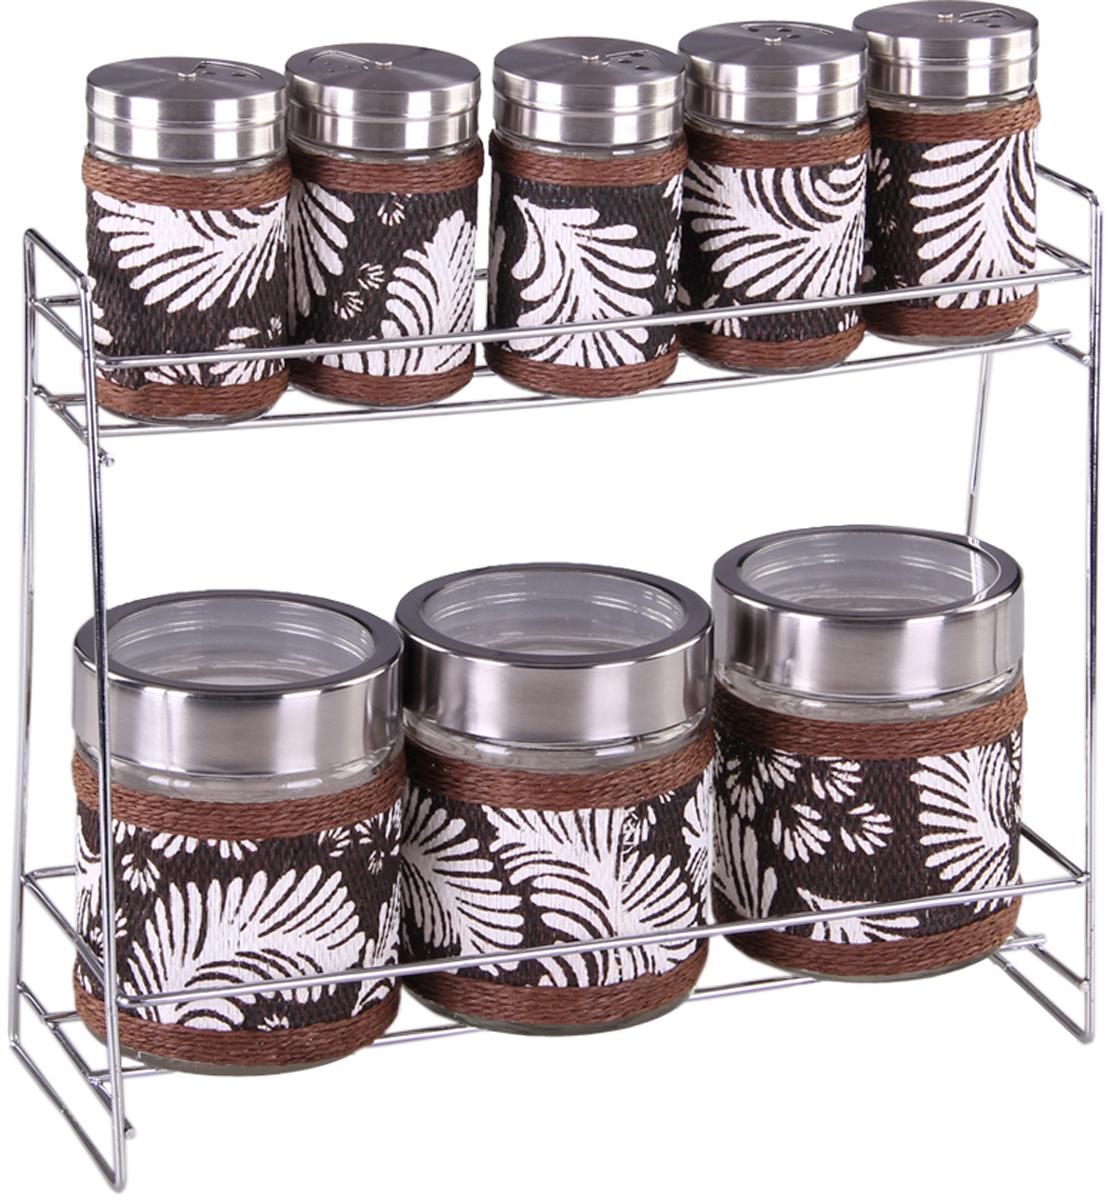 Набор банок для сыпучих продуктов и специй Patricia Перья, с подставкой, 9 предметов. IM99-3925IM99-3925Набор Patricia Перья состоит из 5 банок для специй и 3 банок для сыпучих продуктов. Банки выполнены из высококачественного стекла и декорированы оригинальной вставкой. Крышки, выполненные из металла, плотно закрываются и предотвращают высыпание специй. Имеются регулируемые отверстия, с помощью которых можно обильно или слегка приправить блюдо. Баночки идеально подойдут для соли, перца и других специй. Изделия размещаются на специальной подставке. Оригинальный набор эффектно украсит интерьер кухни, а также станет незаменимым помощником в приготовлении ваших любимых блюд. С таким набором специи надолго сохранят свежесть, аромат и пряный вкус. Не рекомендуется мыть в посудомоечной машине и использовать в микроволновой печи. Высота баночек (с учетом крышек): 8,5 см, 10,5 см. Диаметр баночек: 3,5 см, 7 см. Размер подставки: 28 х 10 х 23 см.